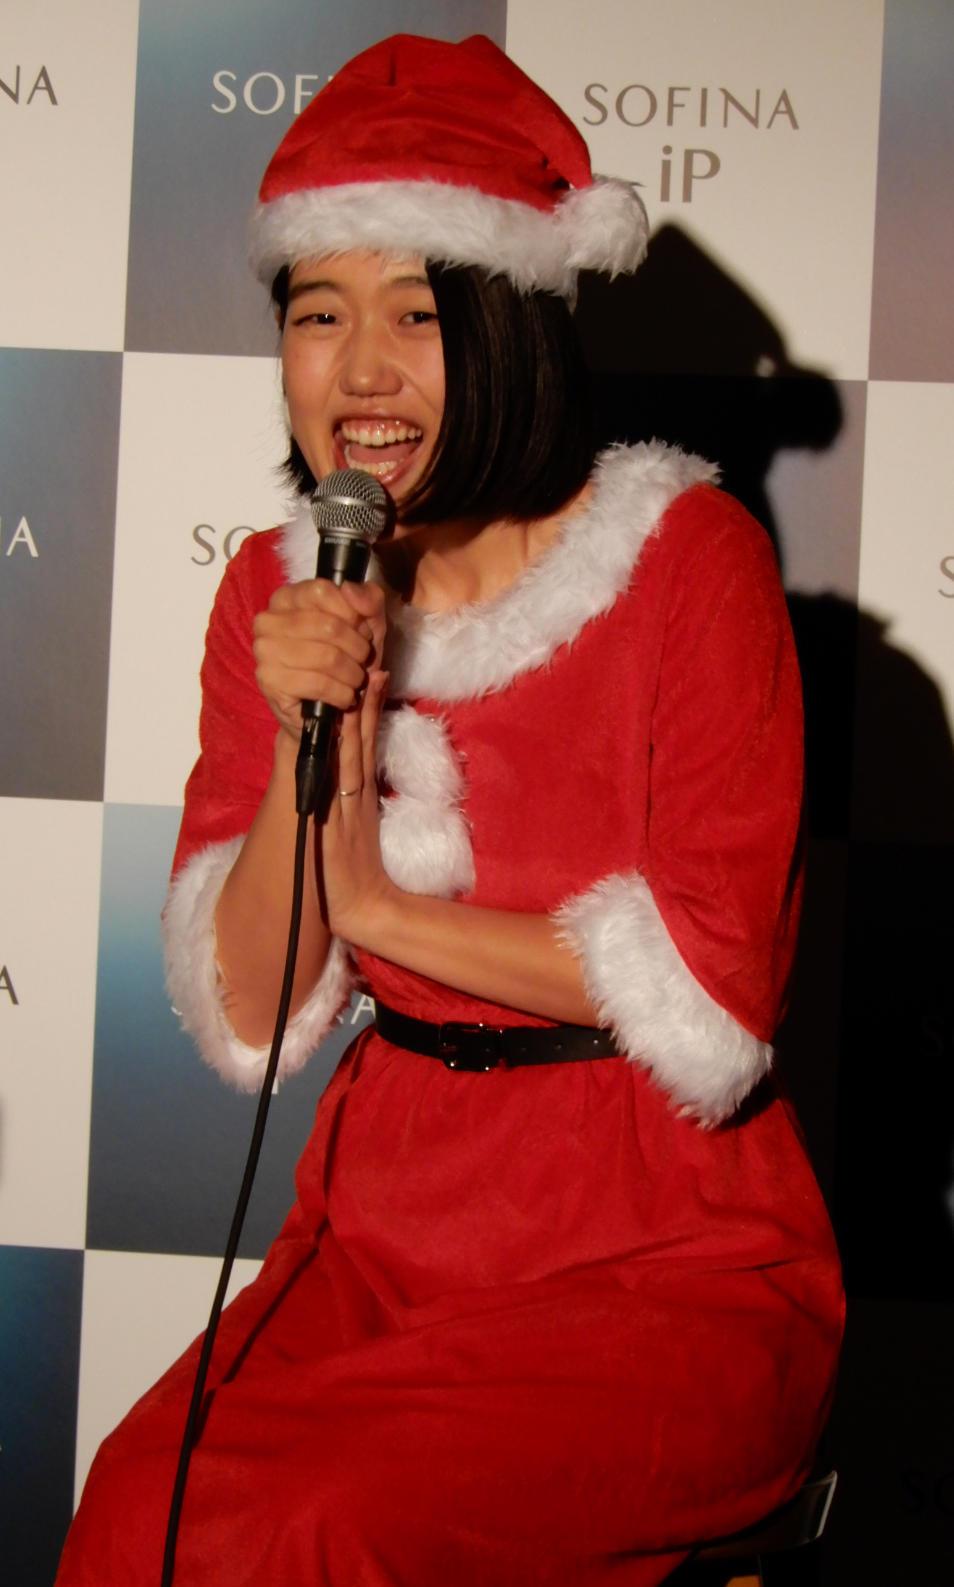 http://news.yoshimoto.co.jp/20181129233336-7aff64a721de882be94ec0991dce29a06053d52c.jpg